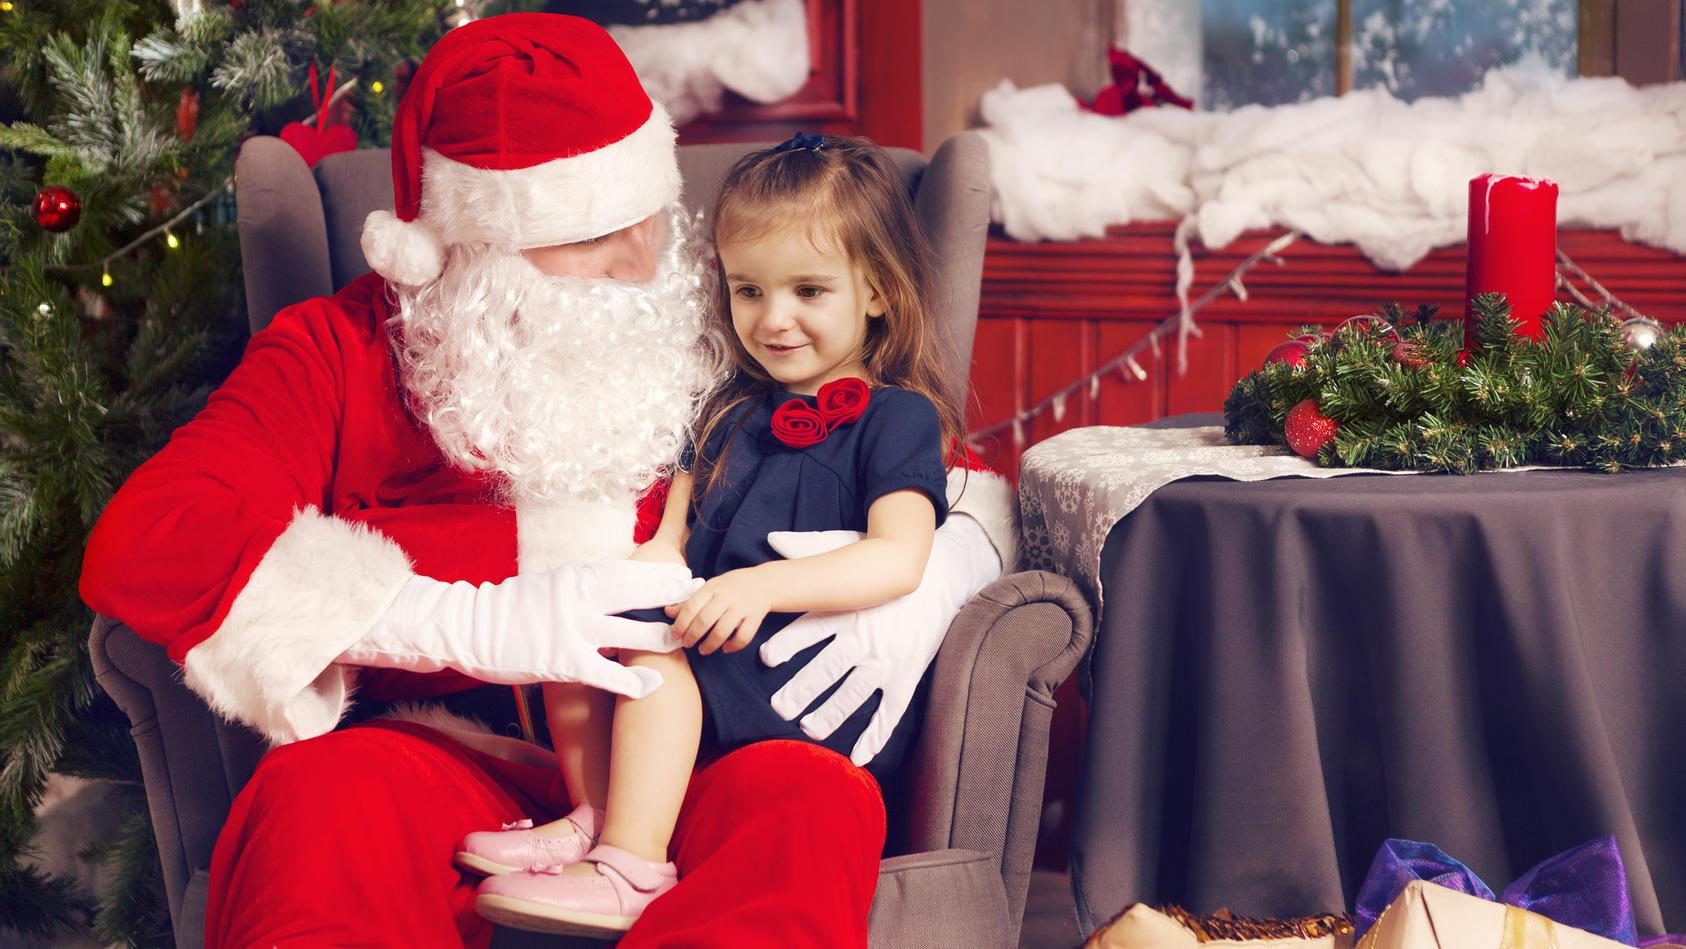 Verhaltensvorschriften Für Weihnachtsmänner: Regeln Für innen Weihnachtsmann Kinder